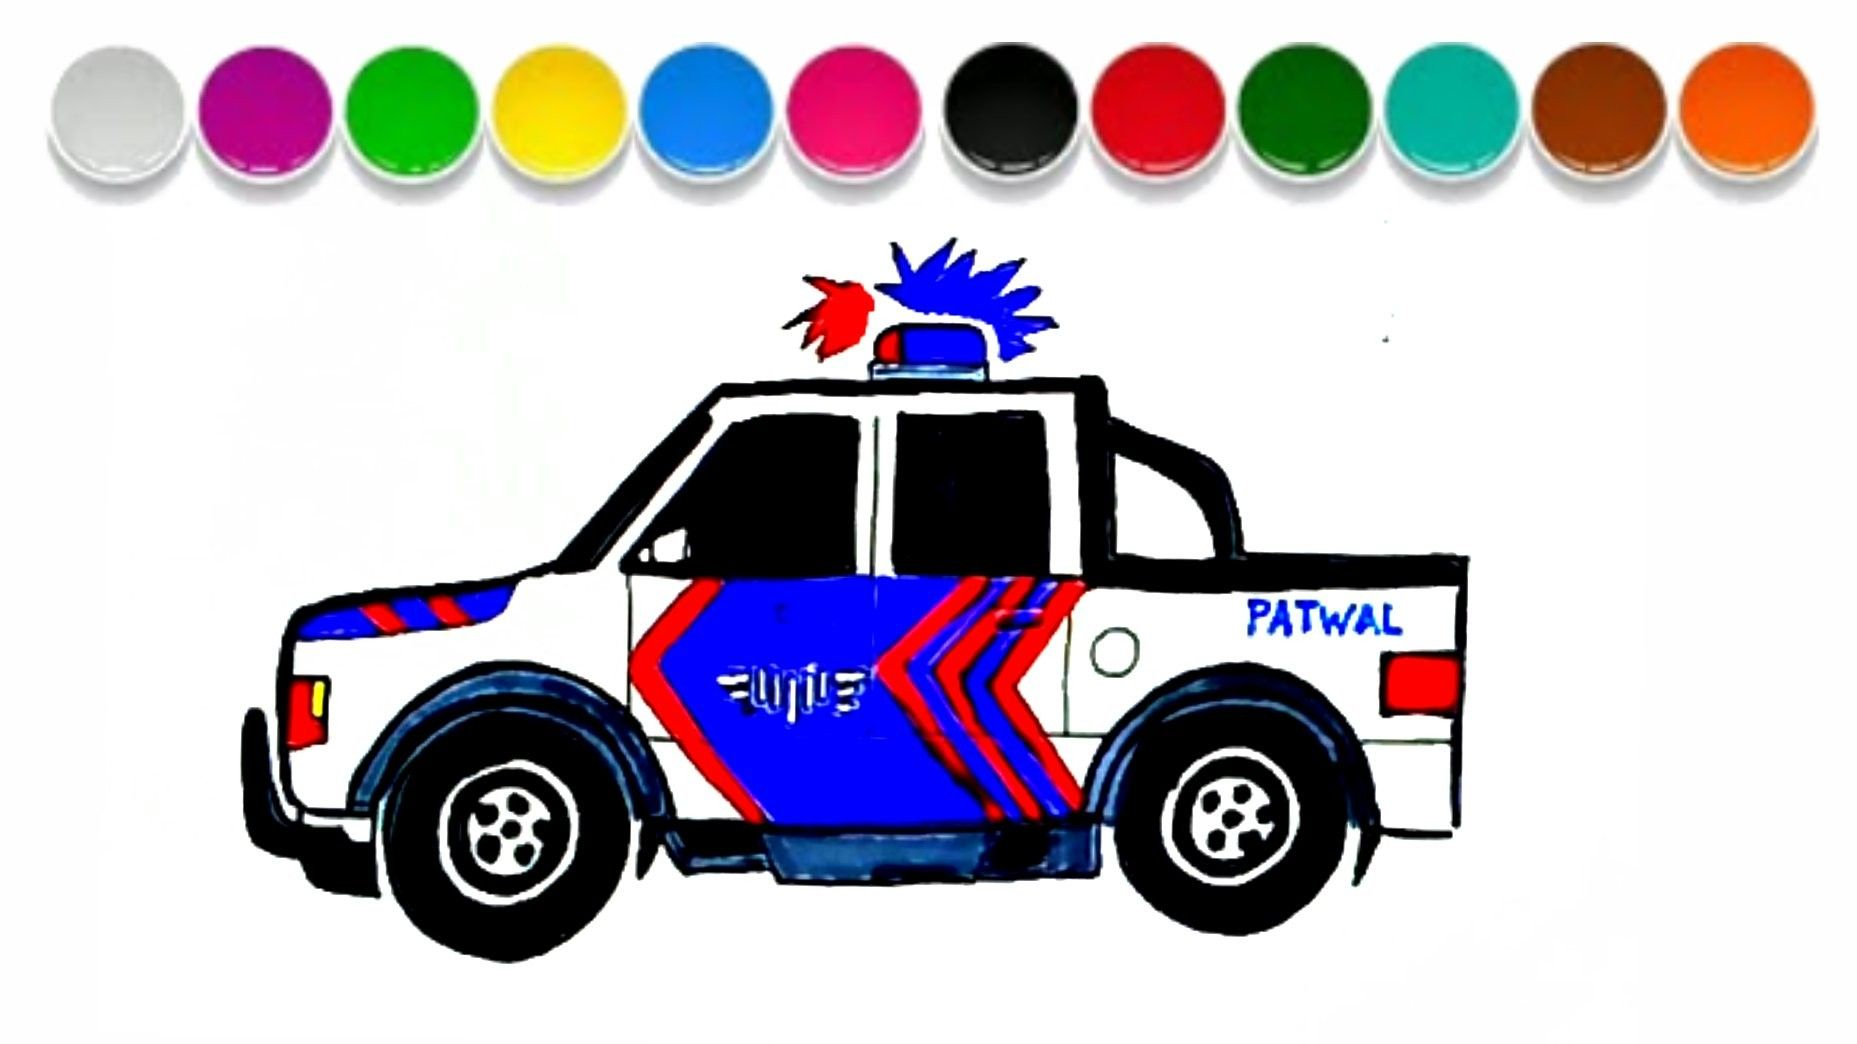 Menggambar Dan Mewarnai Mobil Polisi Indonesia Untuk Anak Toy Car Full Movies Toys